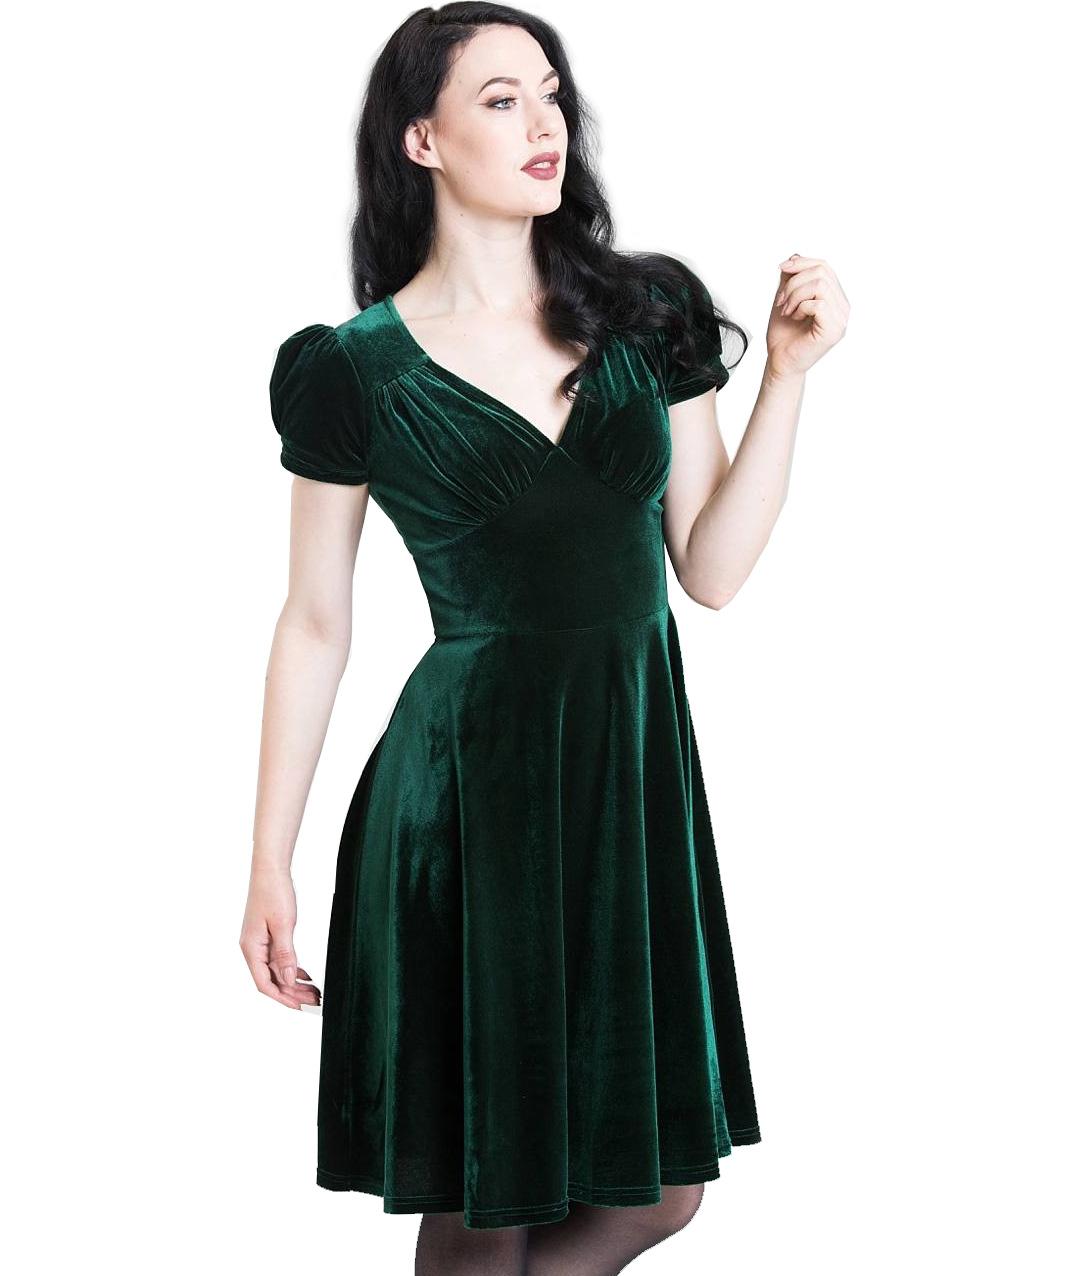 Hell-Bunny-40s-50s-Elegant-Pin-Up-Dress-JOANNE-Crushed-Velvet-Green-All-Sizes thumbnail 39